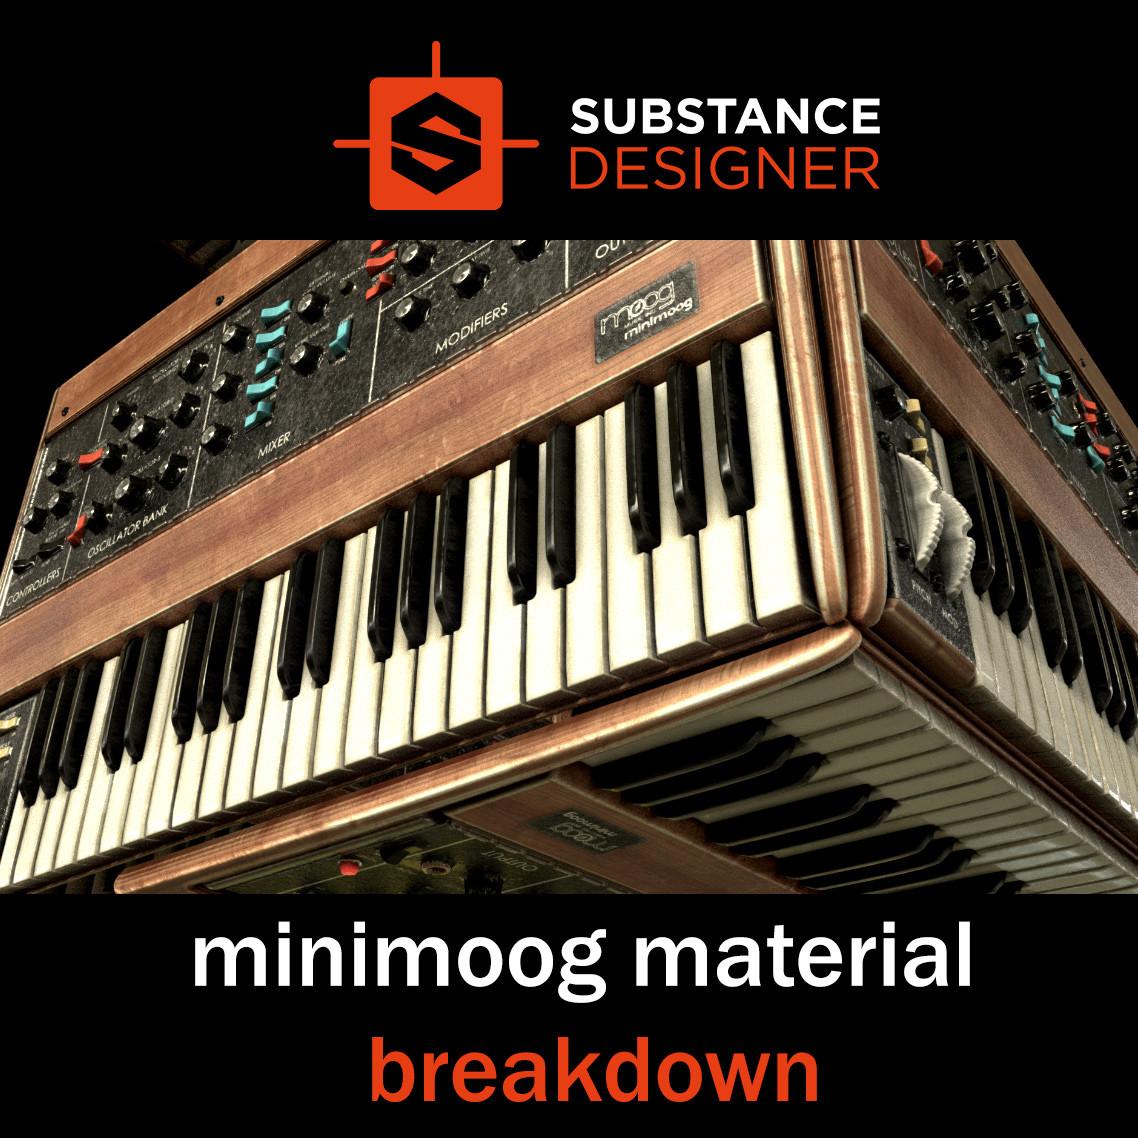 Minimoog material Breakdown - 100% Substance Designer